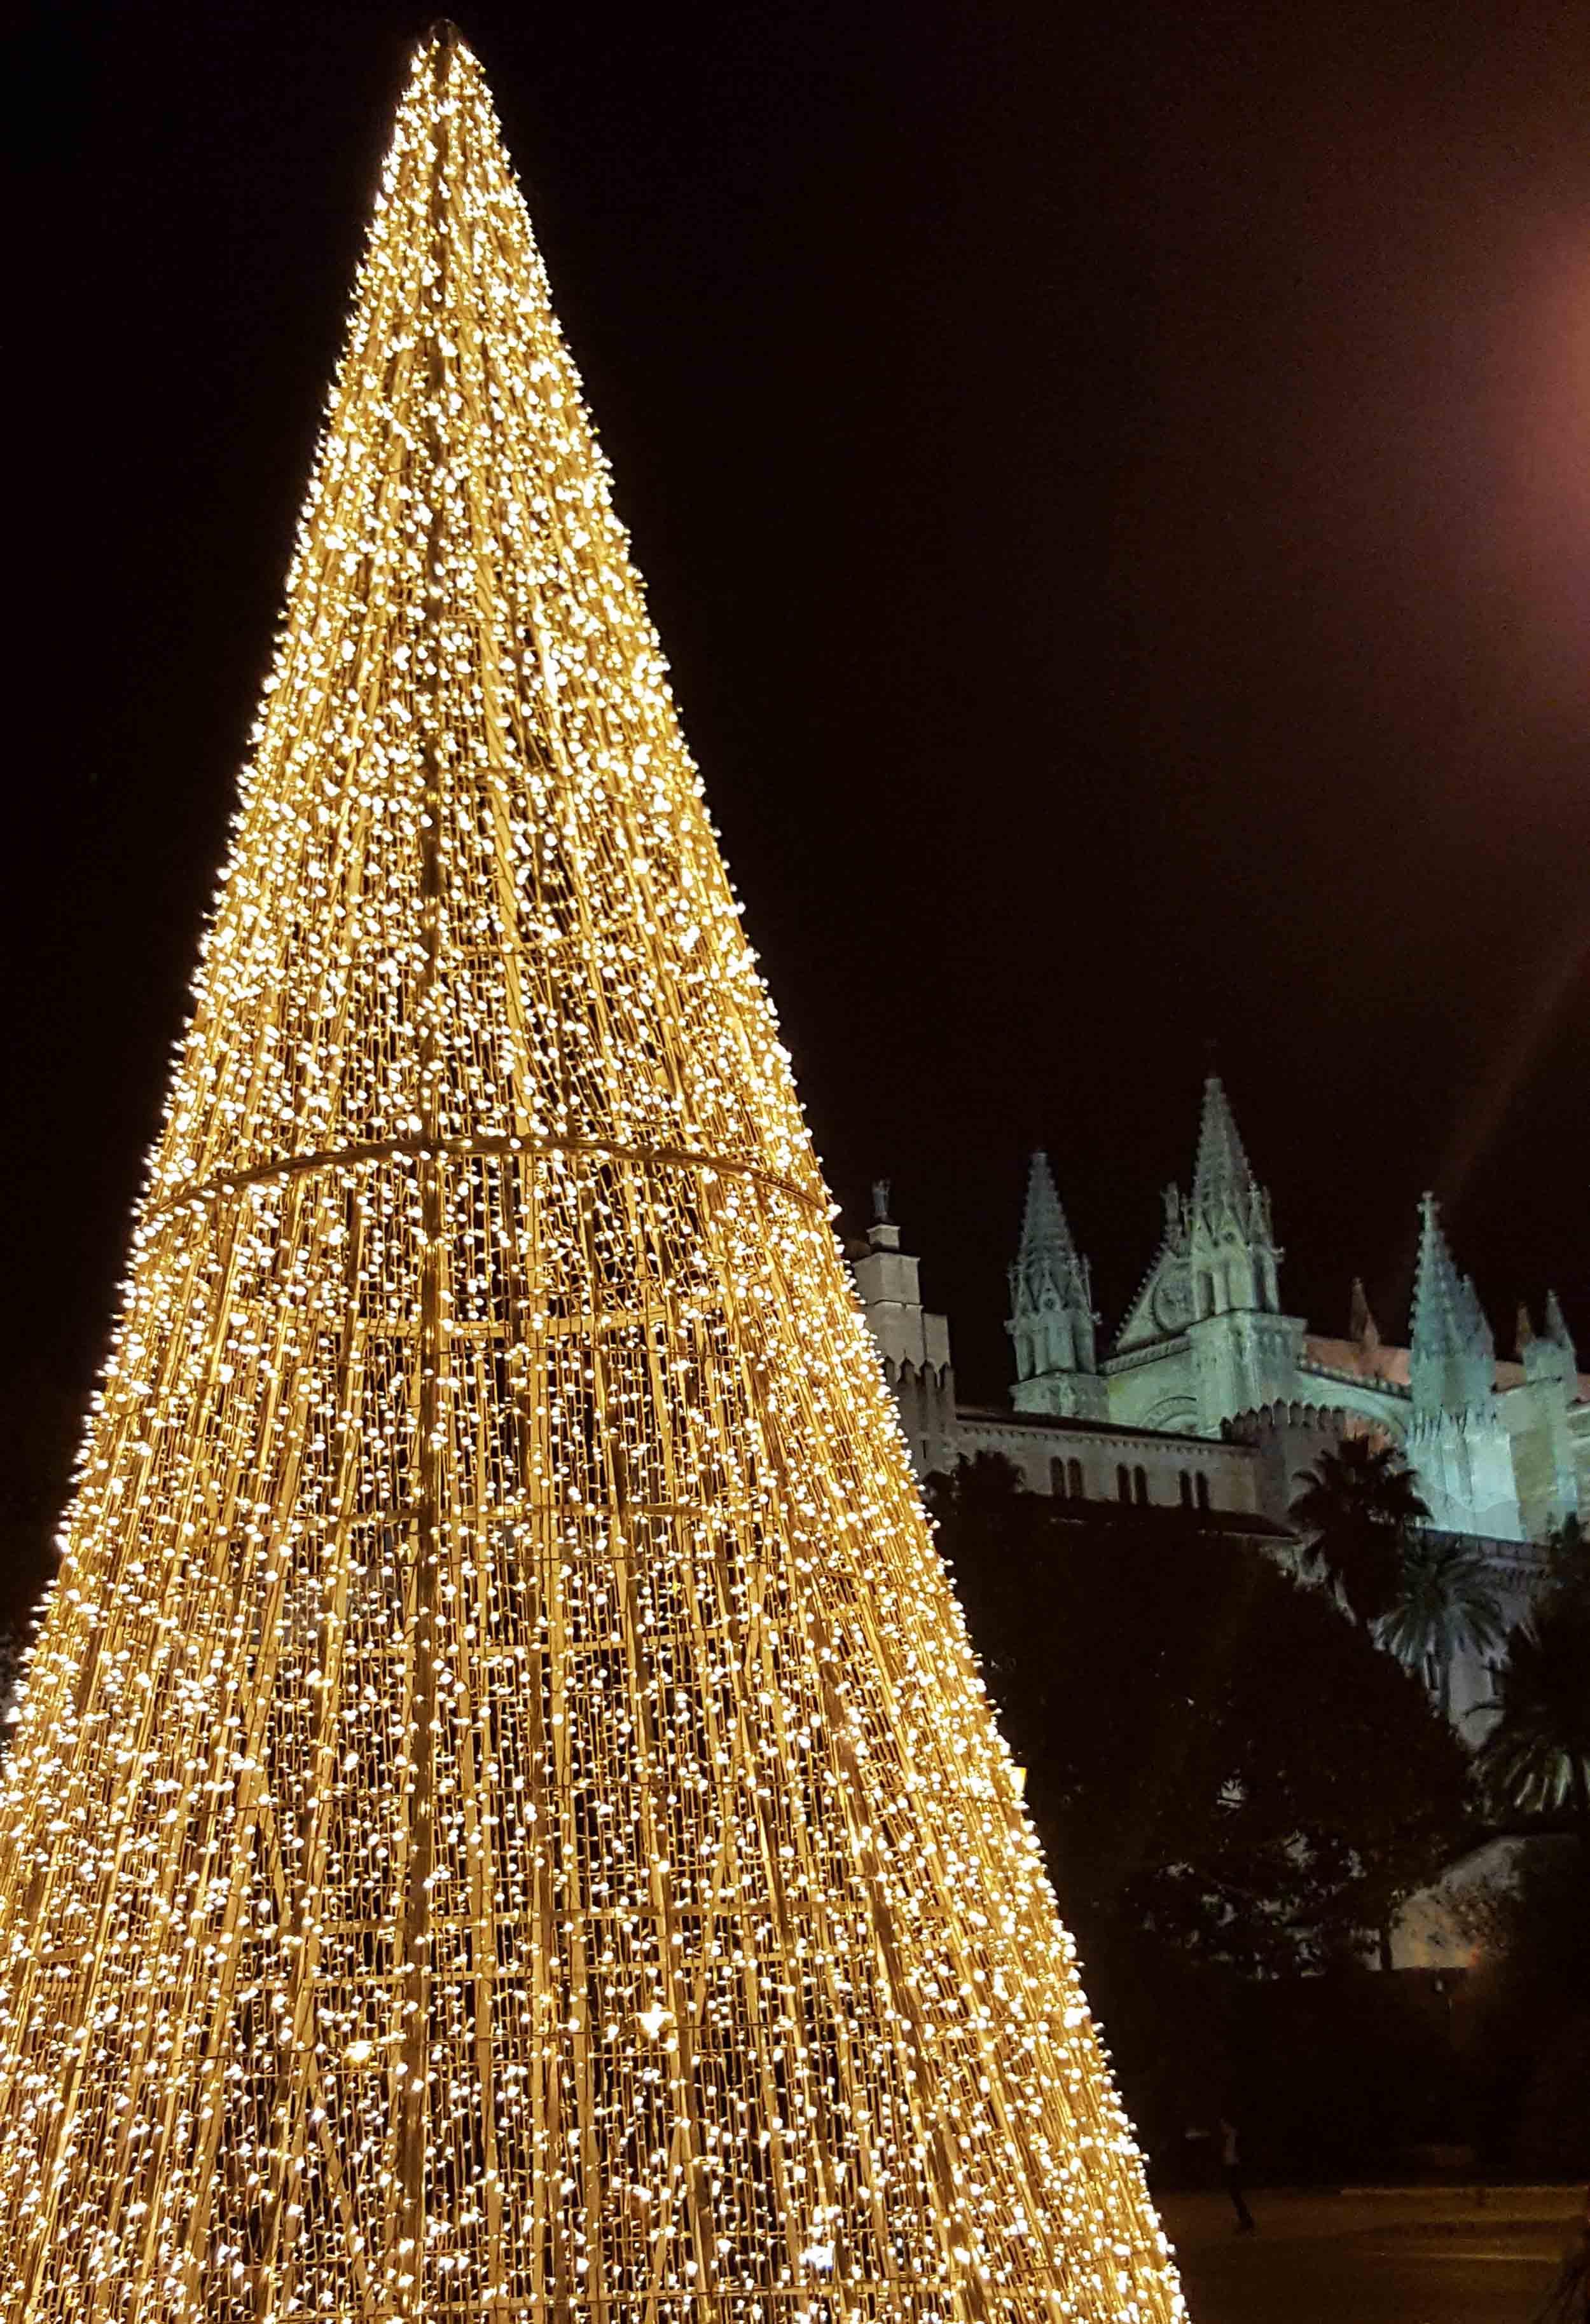 Mallorca Palma Christmas tree and Cathedral.jpg